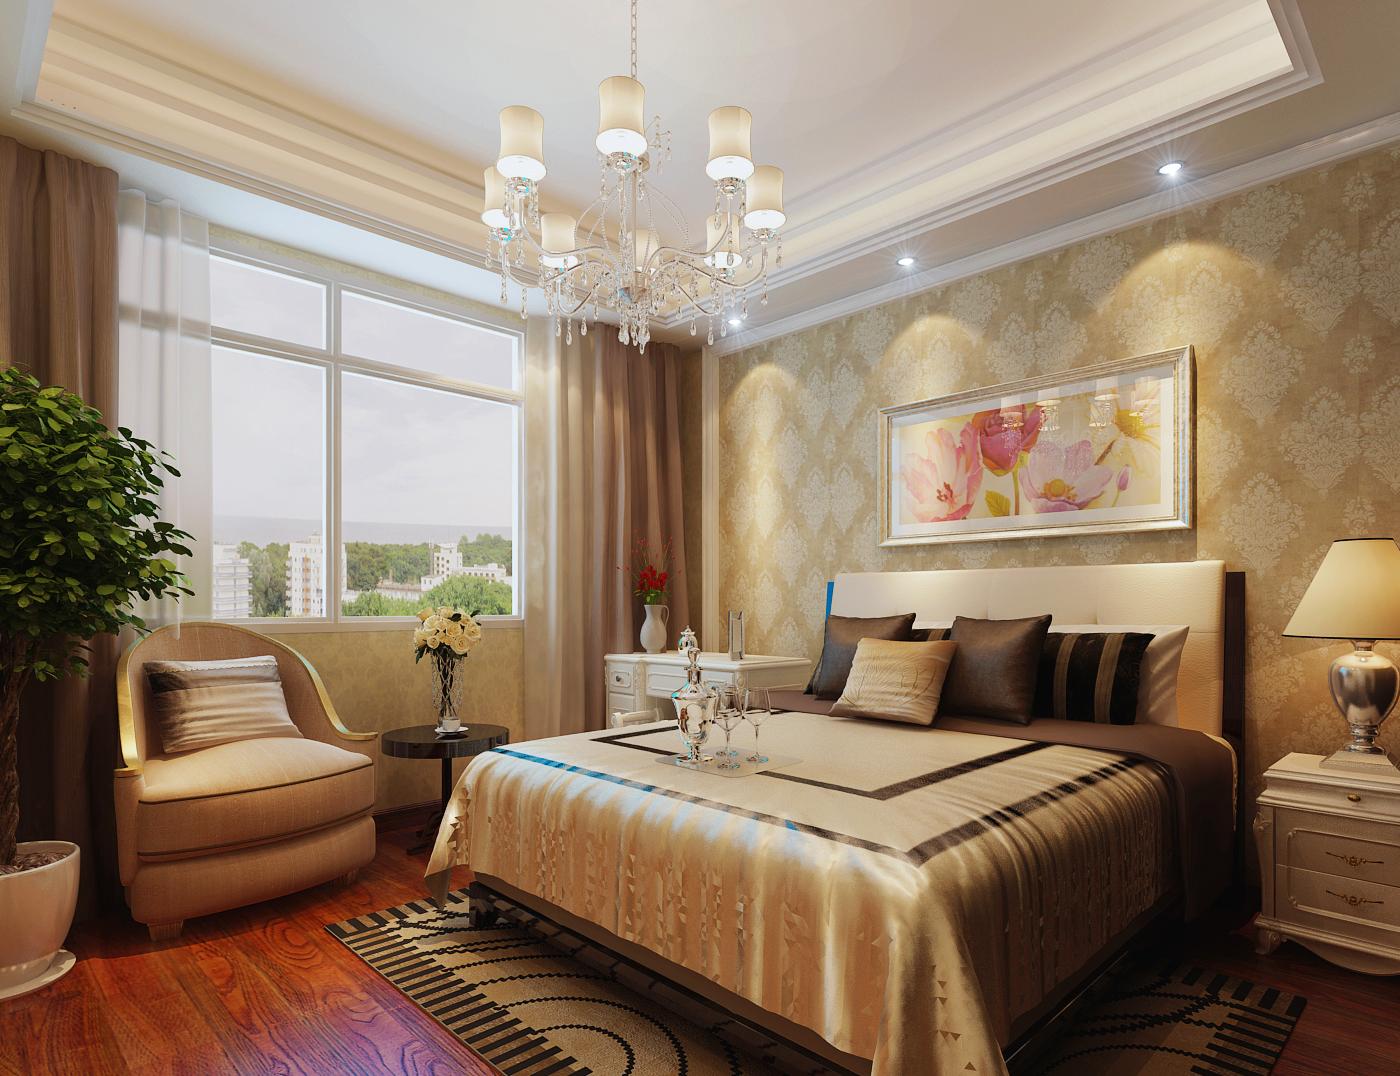 烟台家庭装修设计公司科瑞装饰 欧式美式现代风格效果